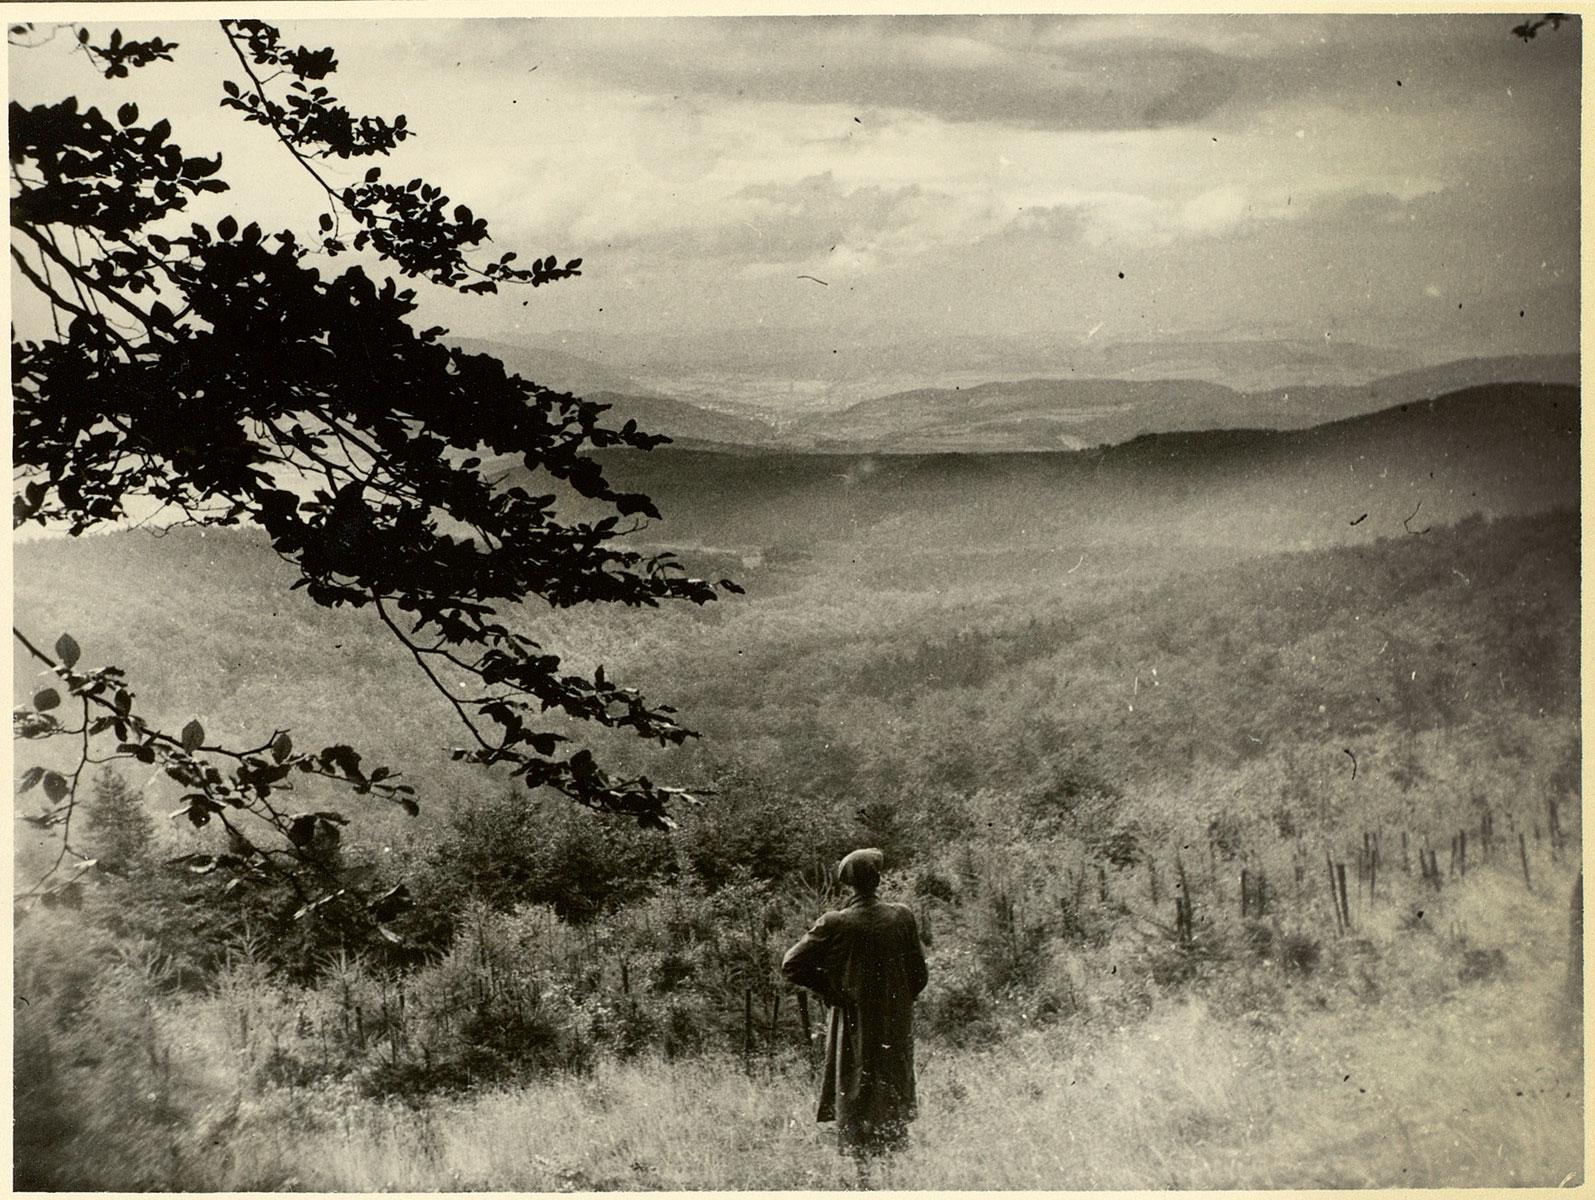 Hans Jürgen von der Wense im Kaufunger Wald, Fotografie aus dem Nachlass, 1953